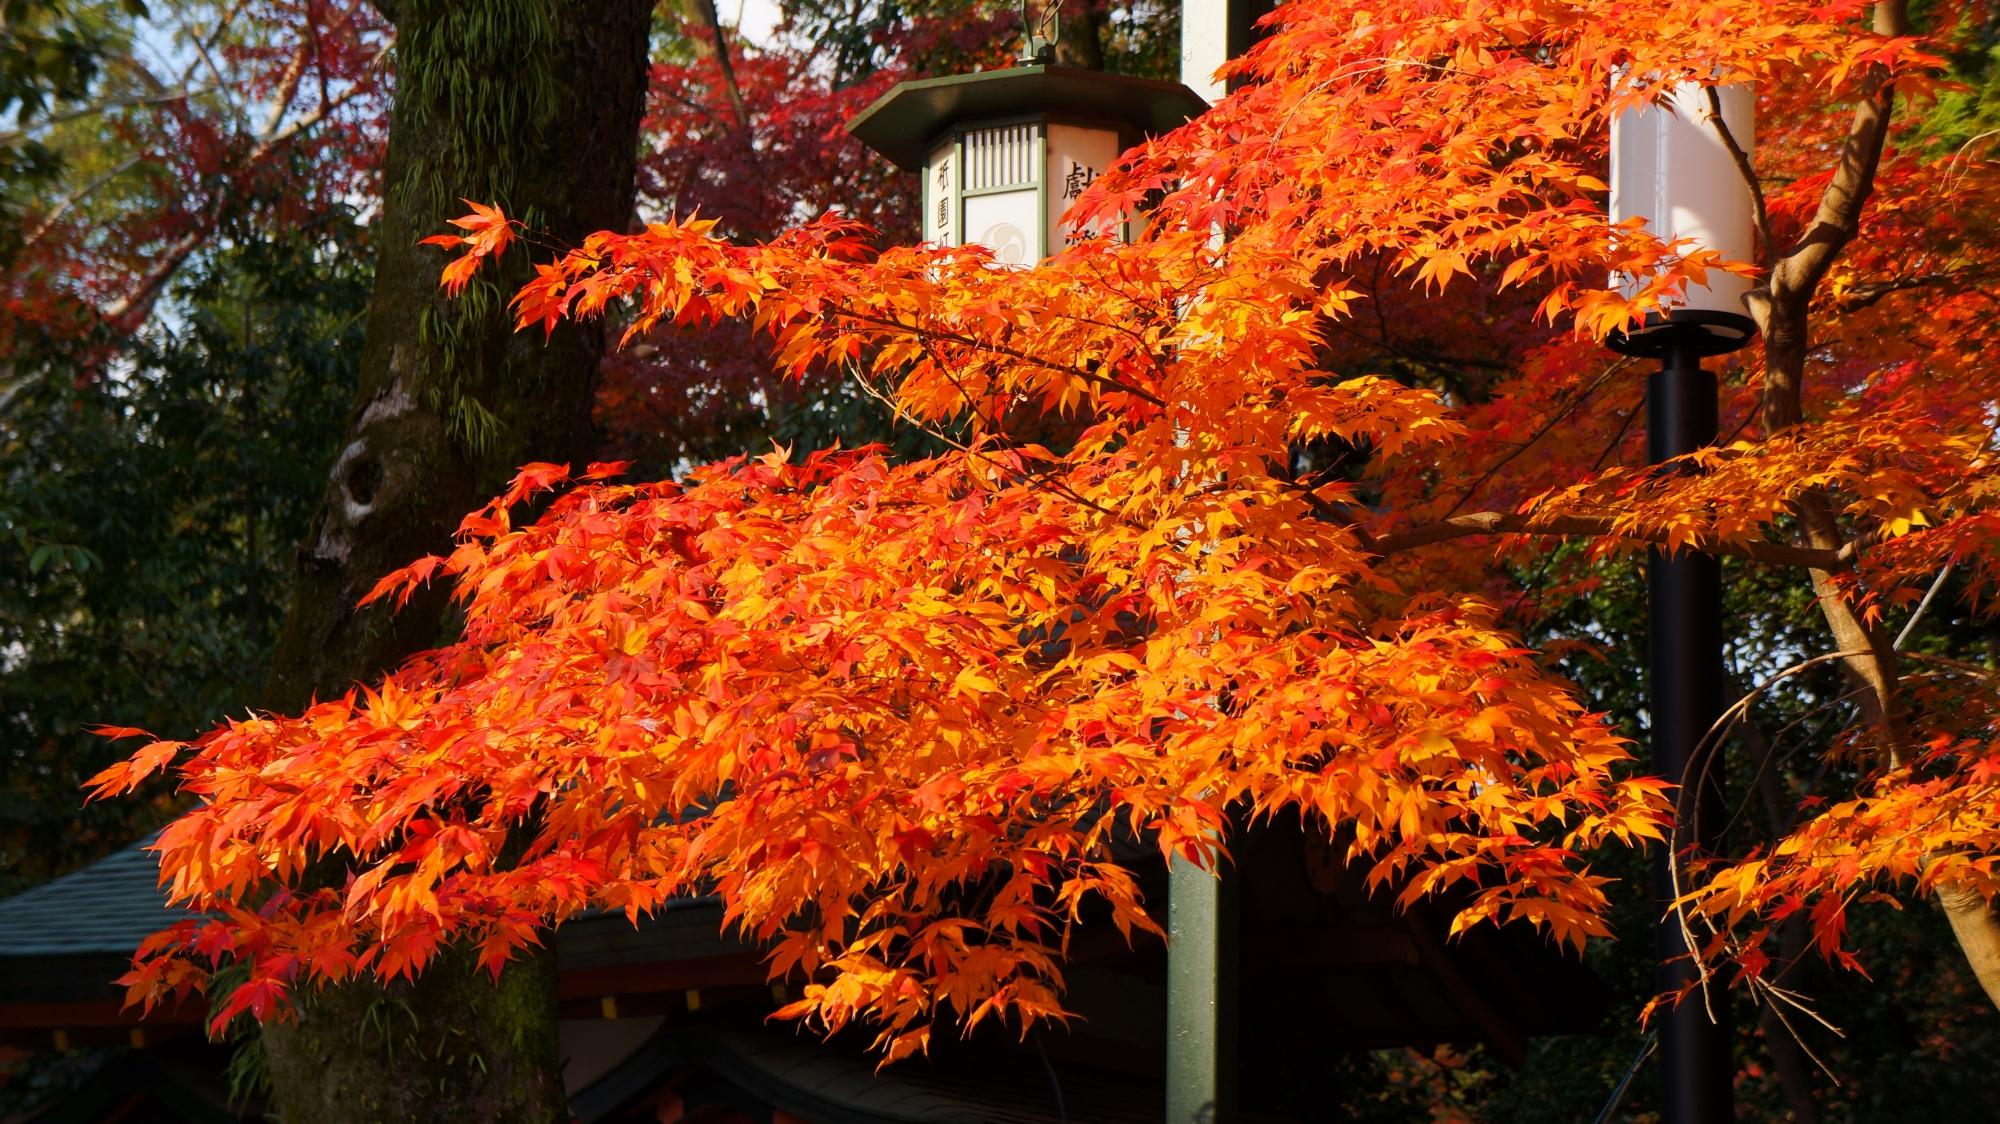 八坂神社の日吉社前の鮮やかな紅葉